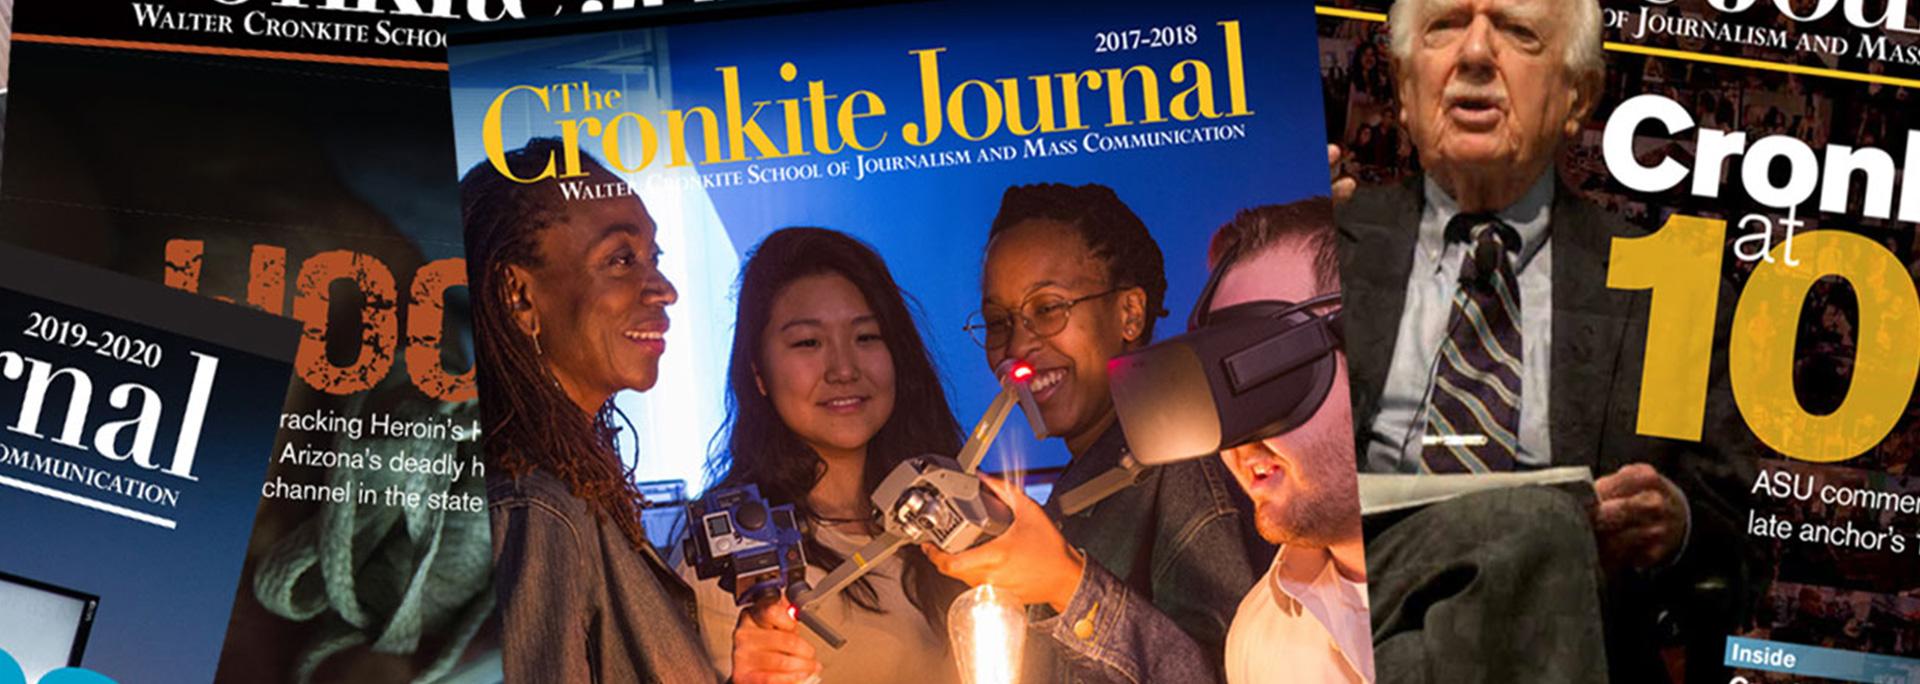 Cronkite Journal Hero